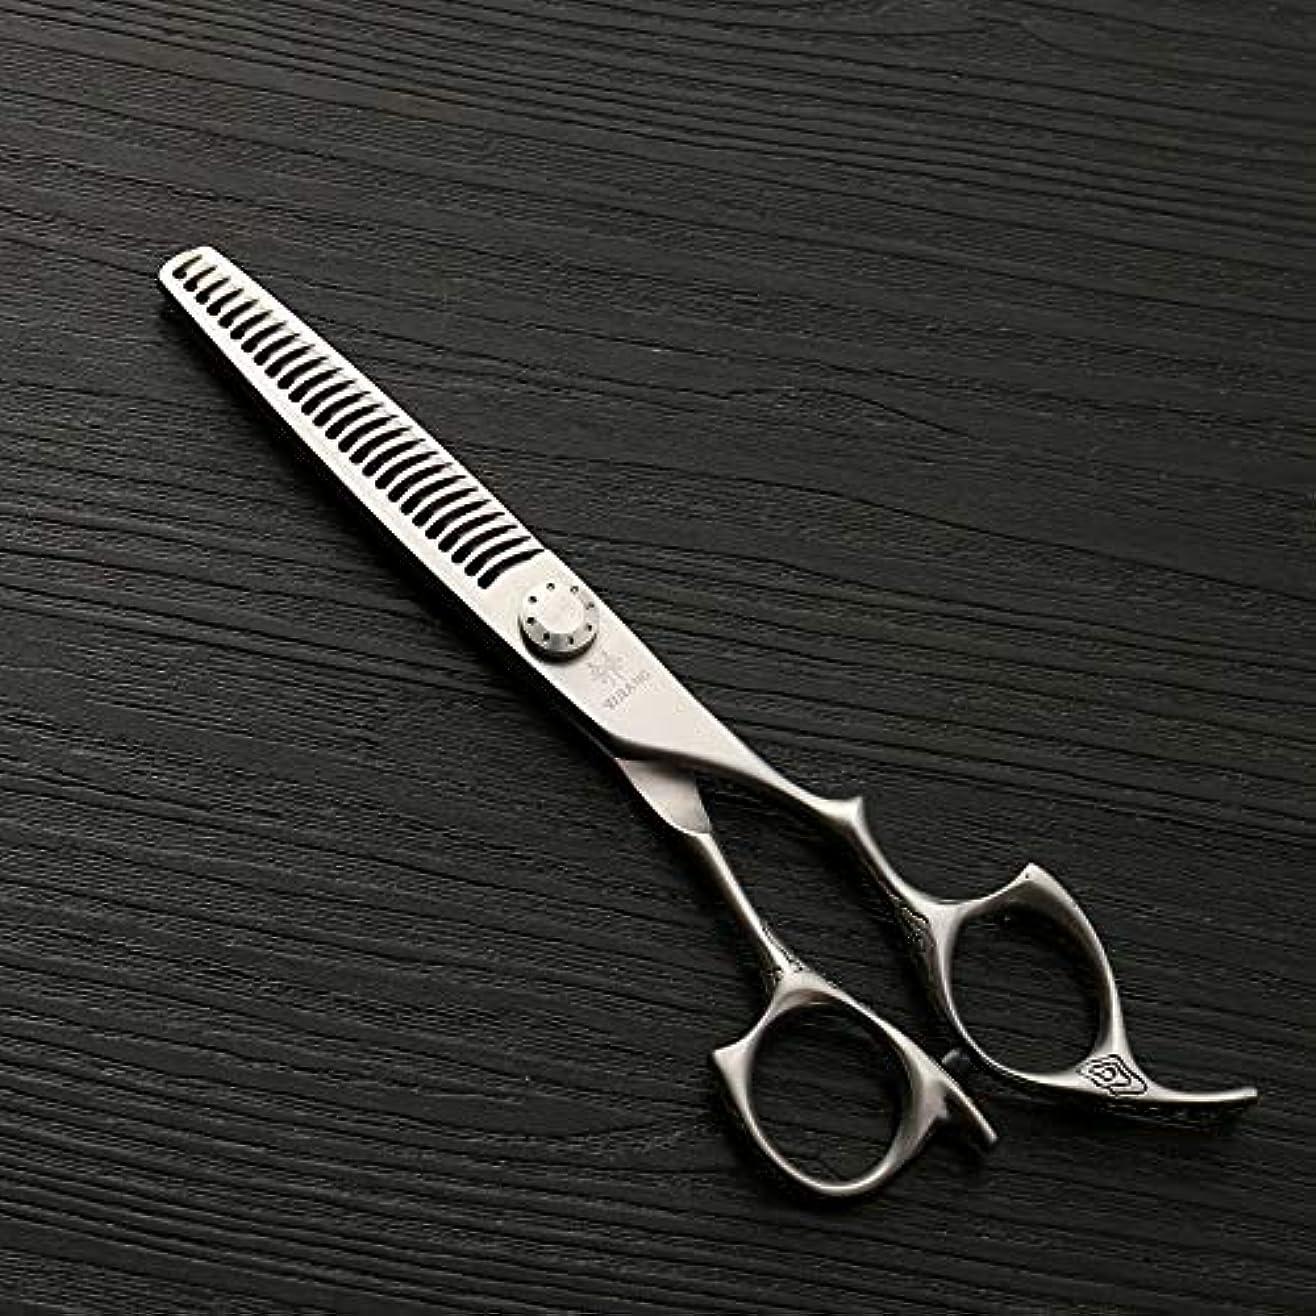 幾分痛いプラカード理髪用はさみ 新しいスタイル6インチ美容院プロのヘアカット間伐歯はさみ、26歯アントラー歯理髪はさみヘアカット鋏ステンレス理髪はさみ (色 : Silver)